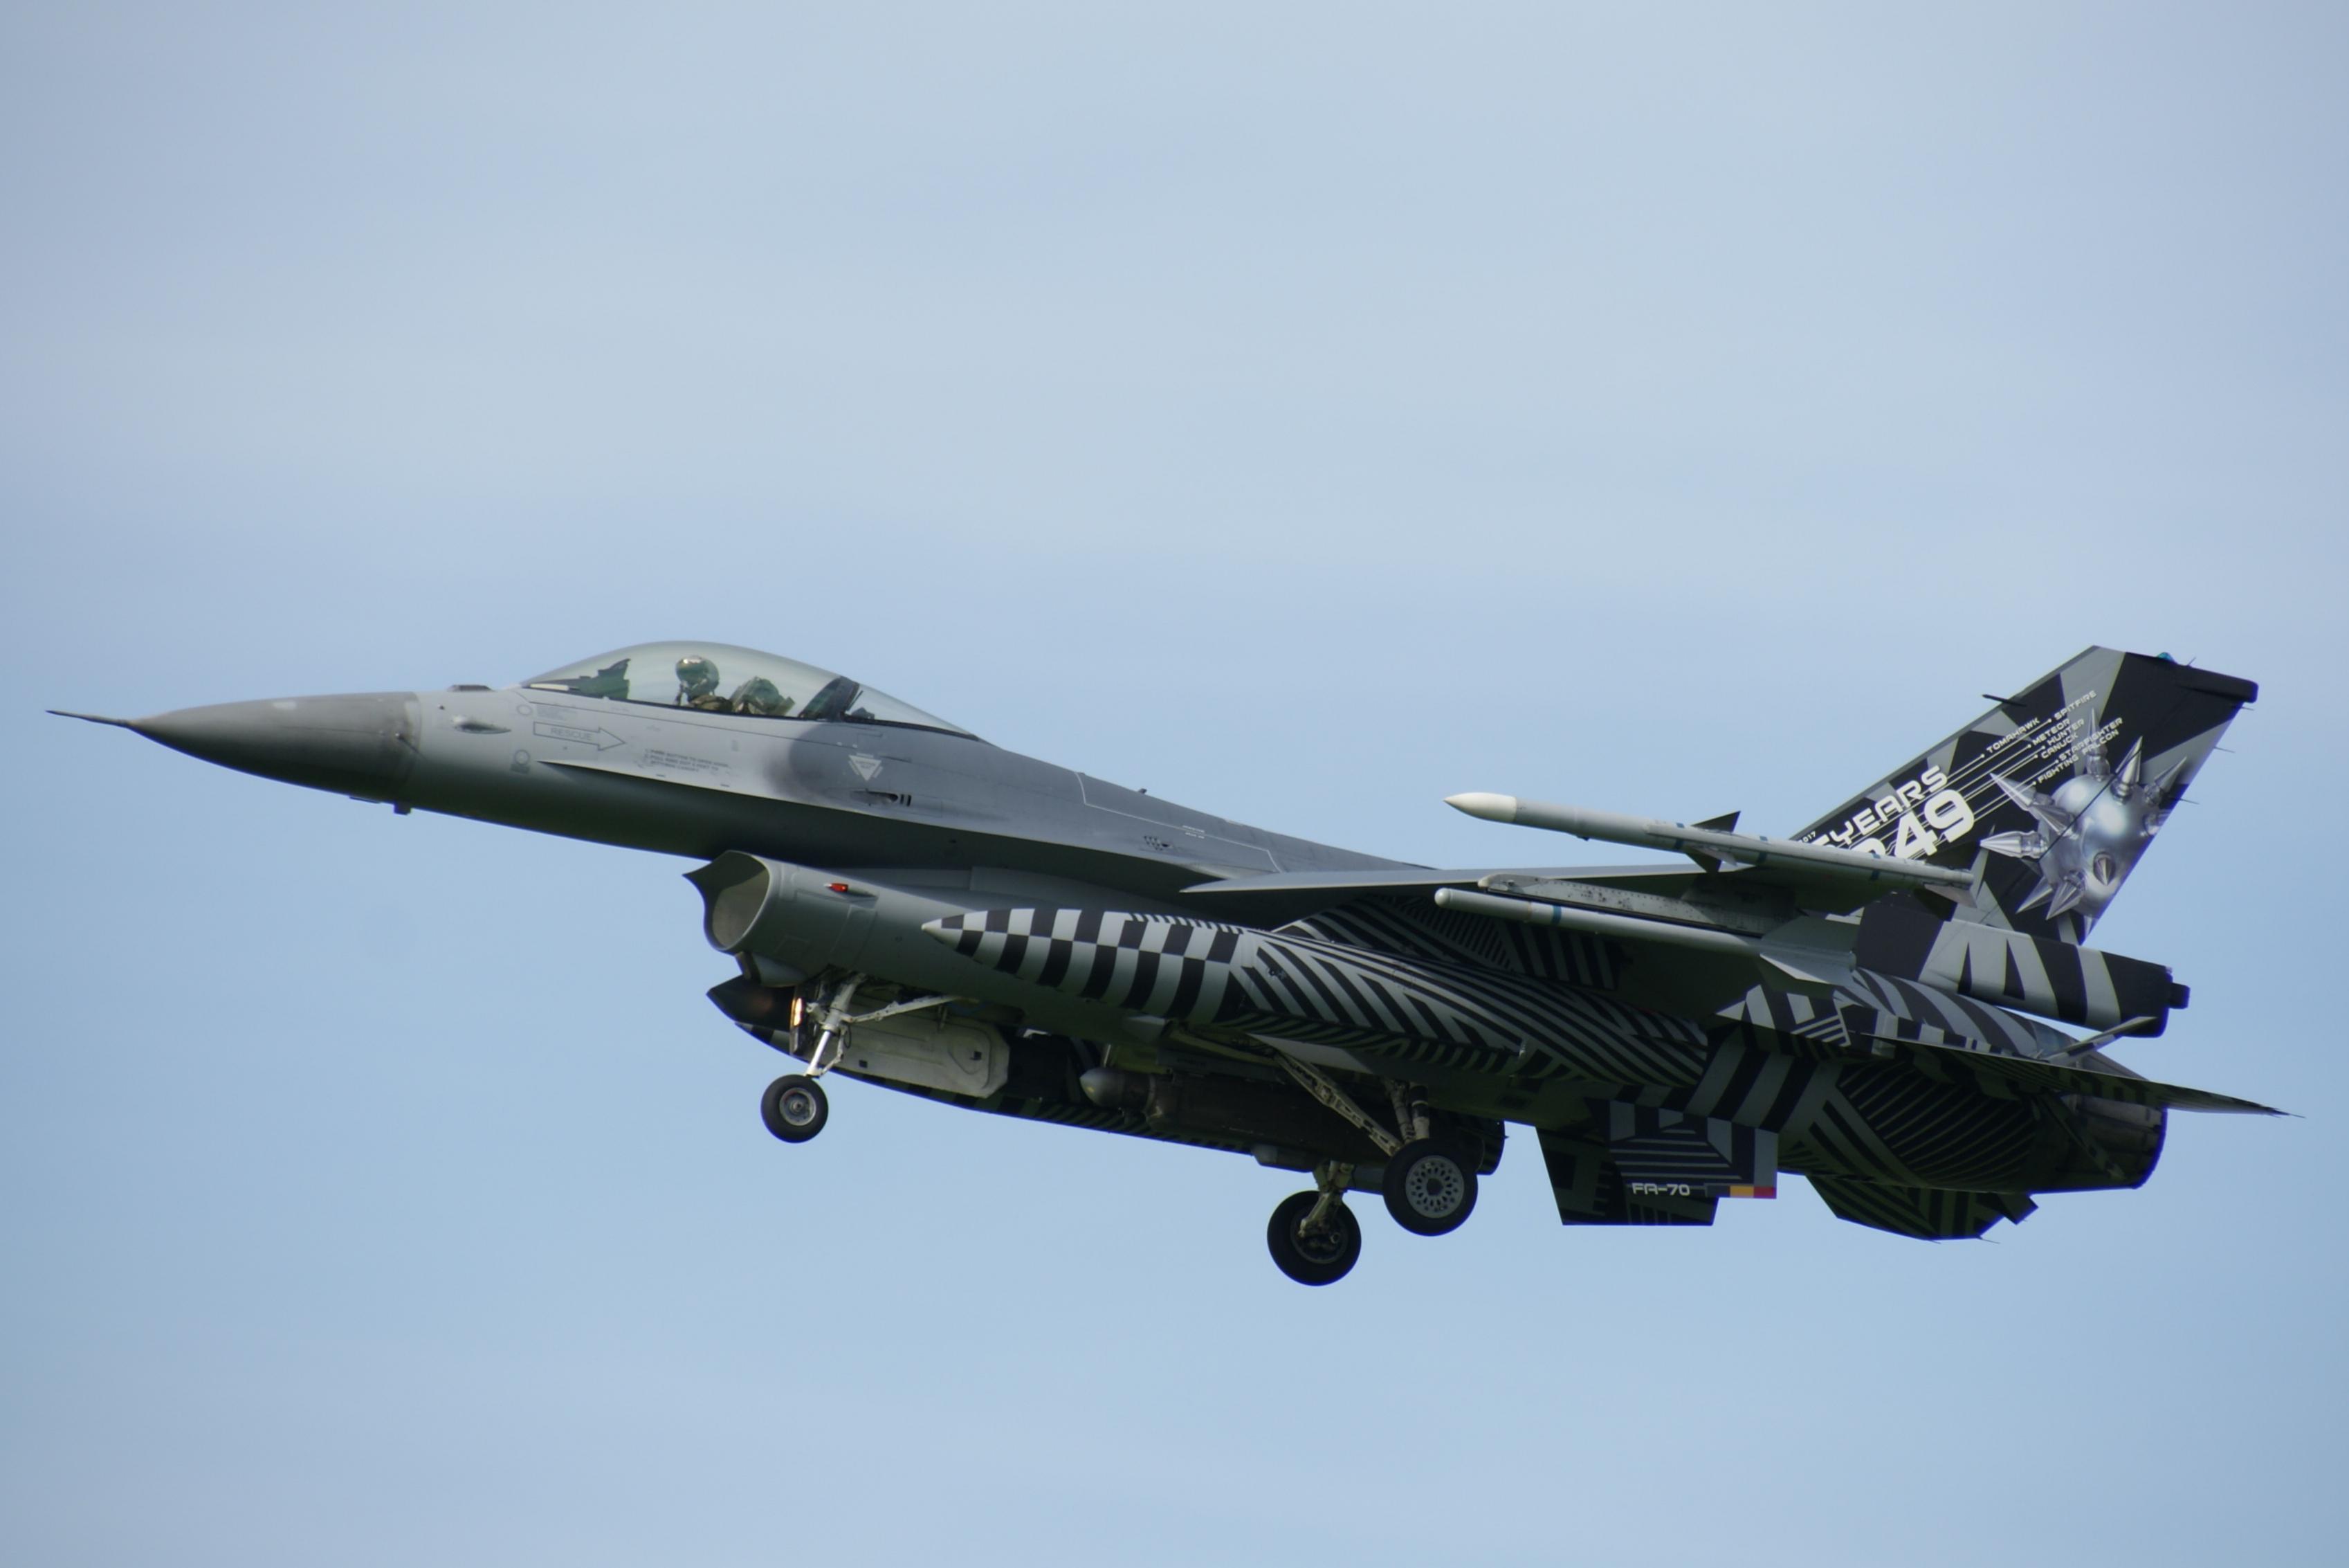 Naam: FA-70 SPECIAL (4).jpg Bekeken: 156 Grootte: 239,1 KB